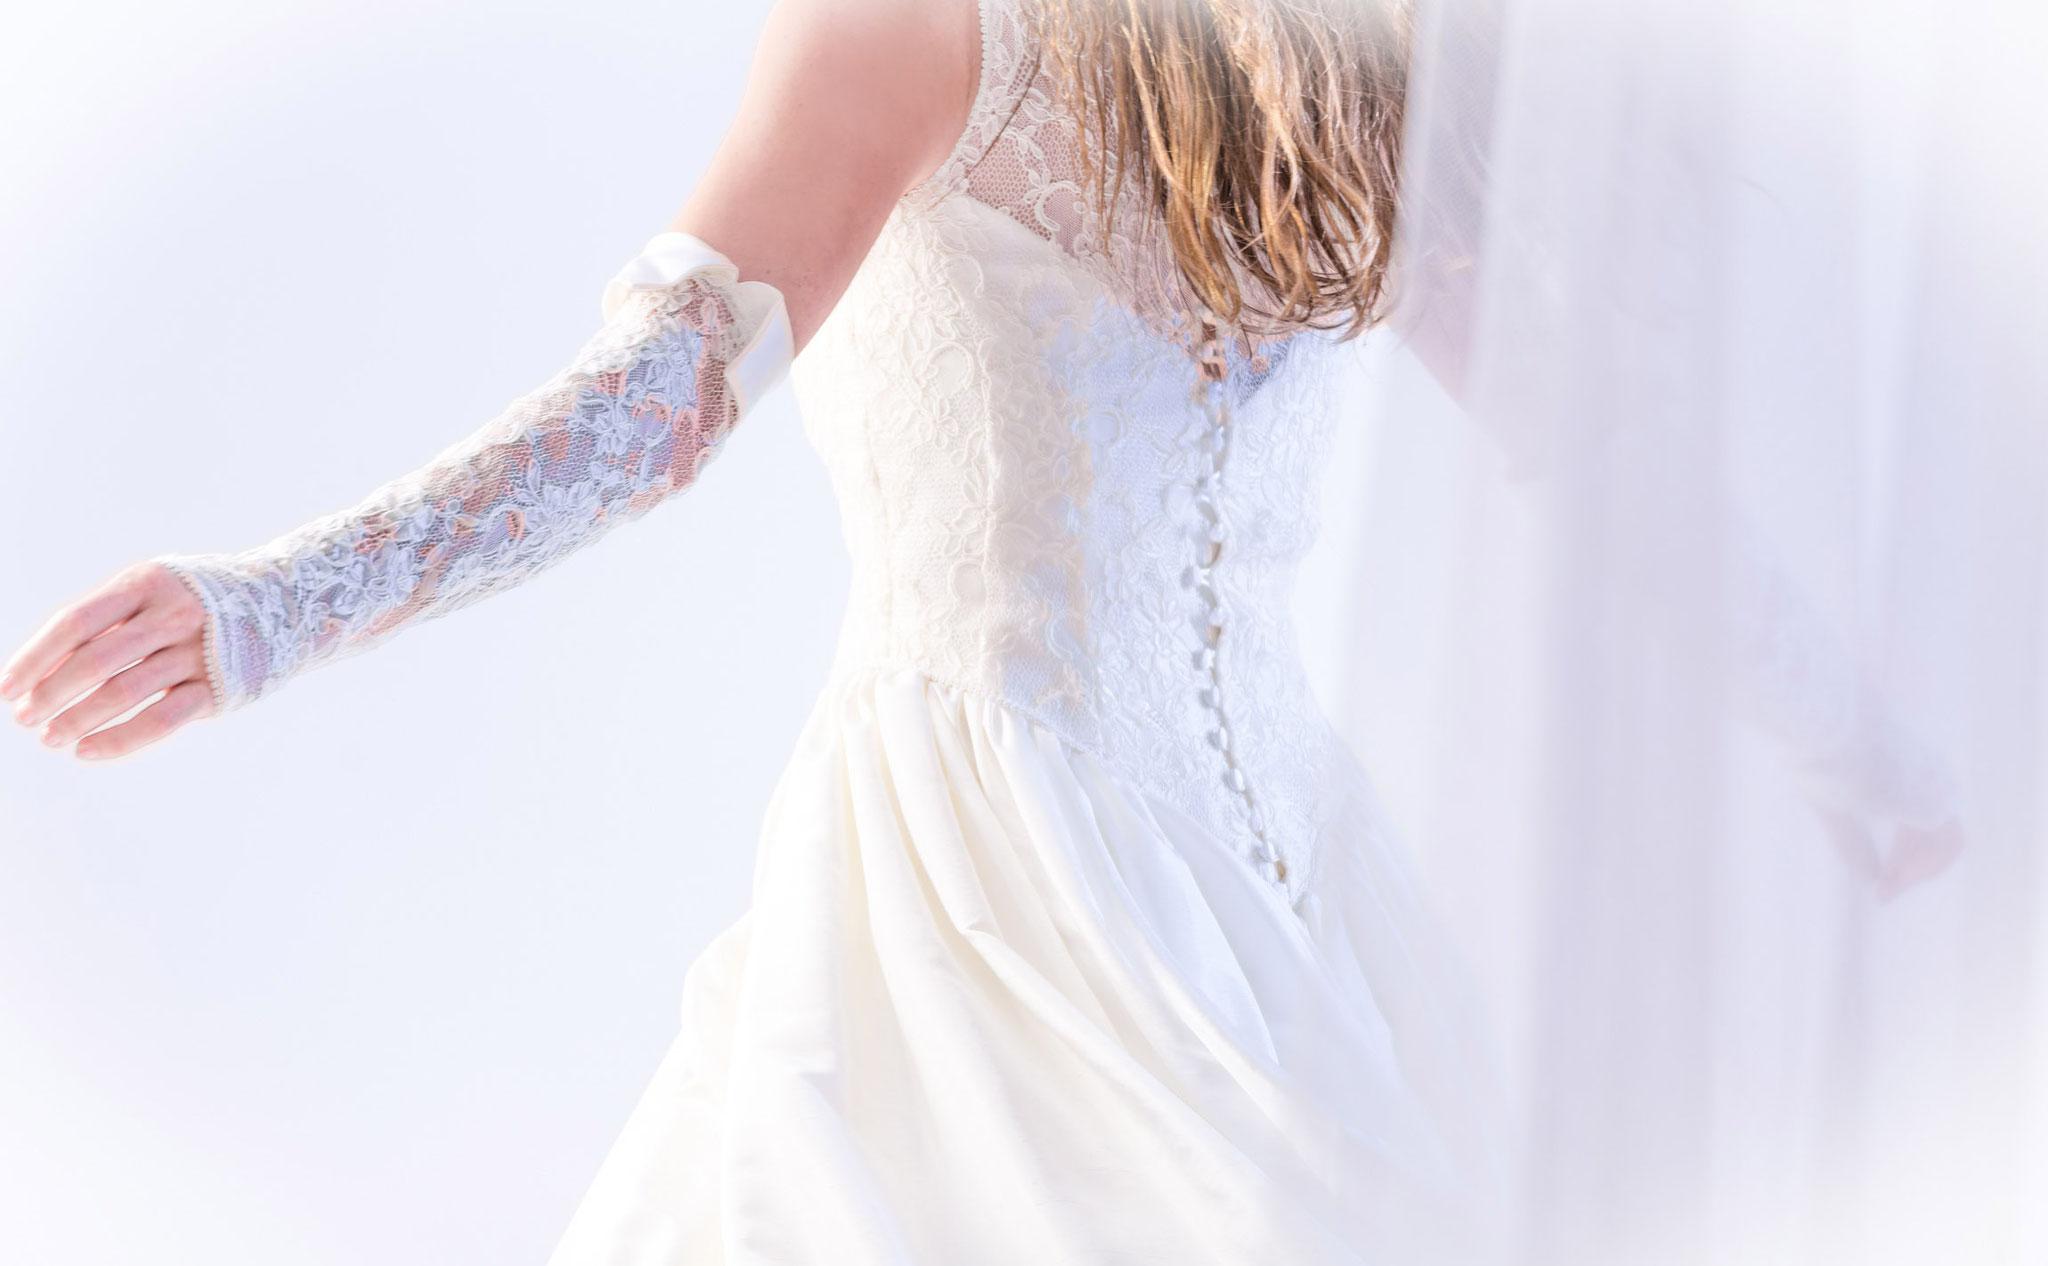 Fotostudio Fotos mit Freude bietet romantische Fotoshootings für Brautpärchen